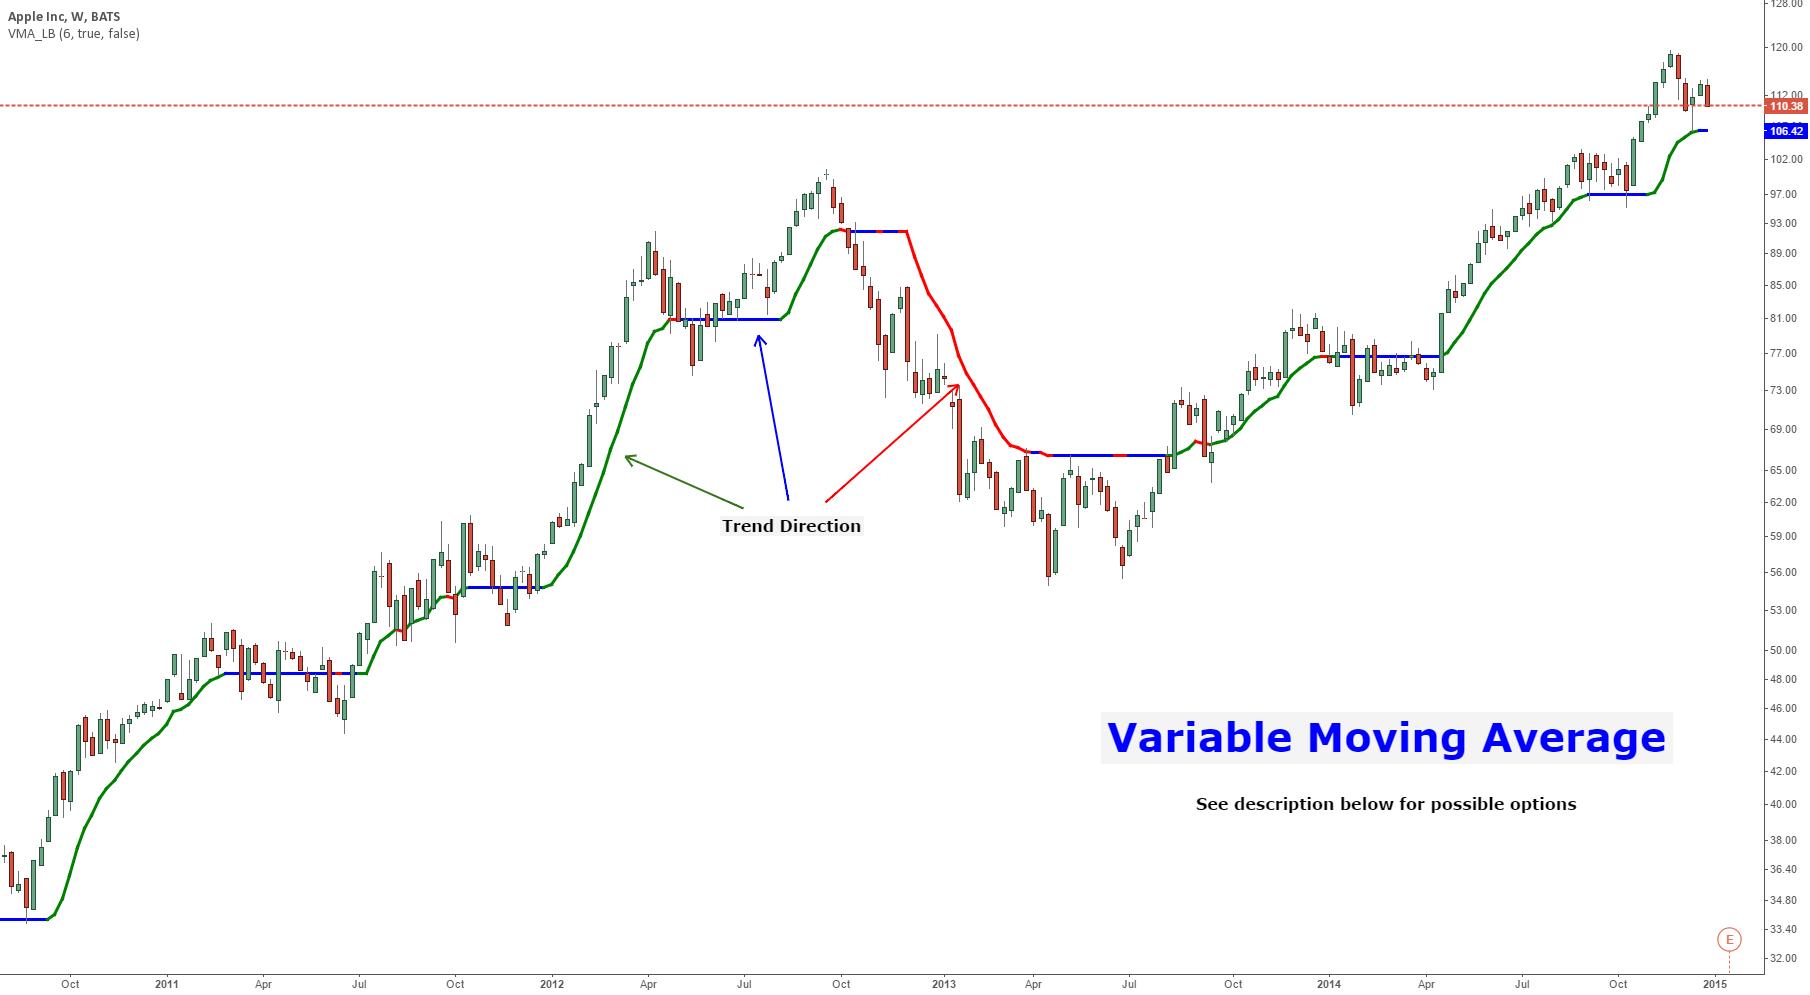 Variable Moving Average [LazyBear]